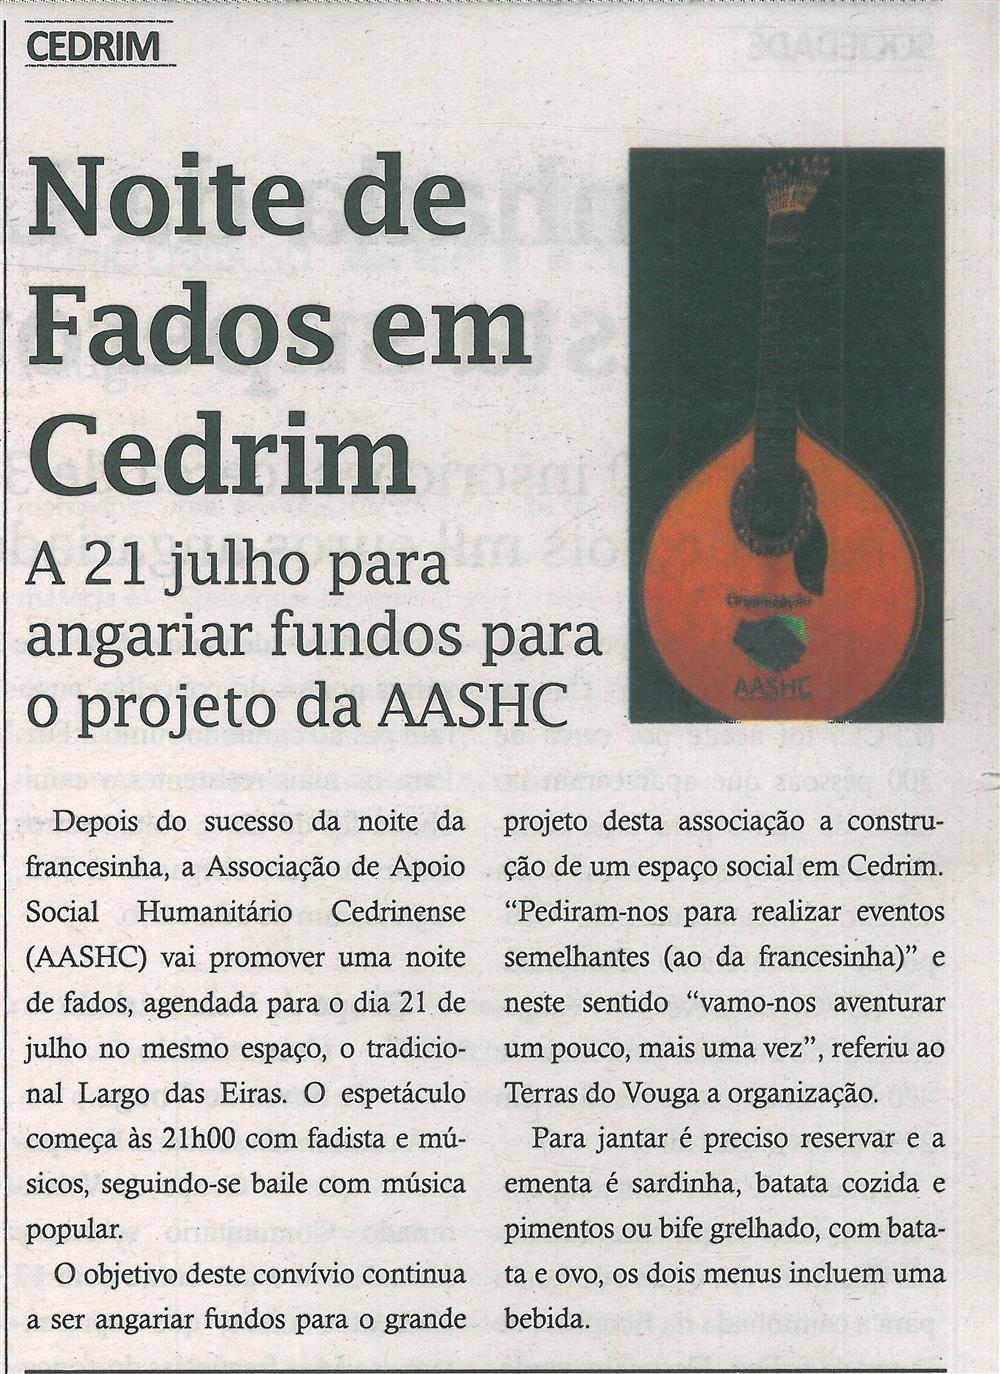 TV-jul.'17-p.17-Noite de Fados em Cedrim : a 21 julho para angariar fundos para o projeto da AASHC.jpg